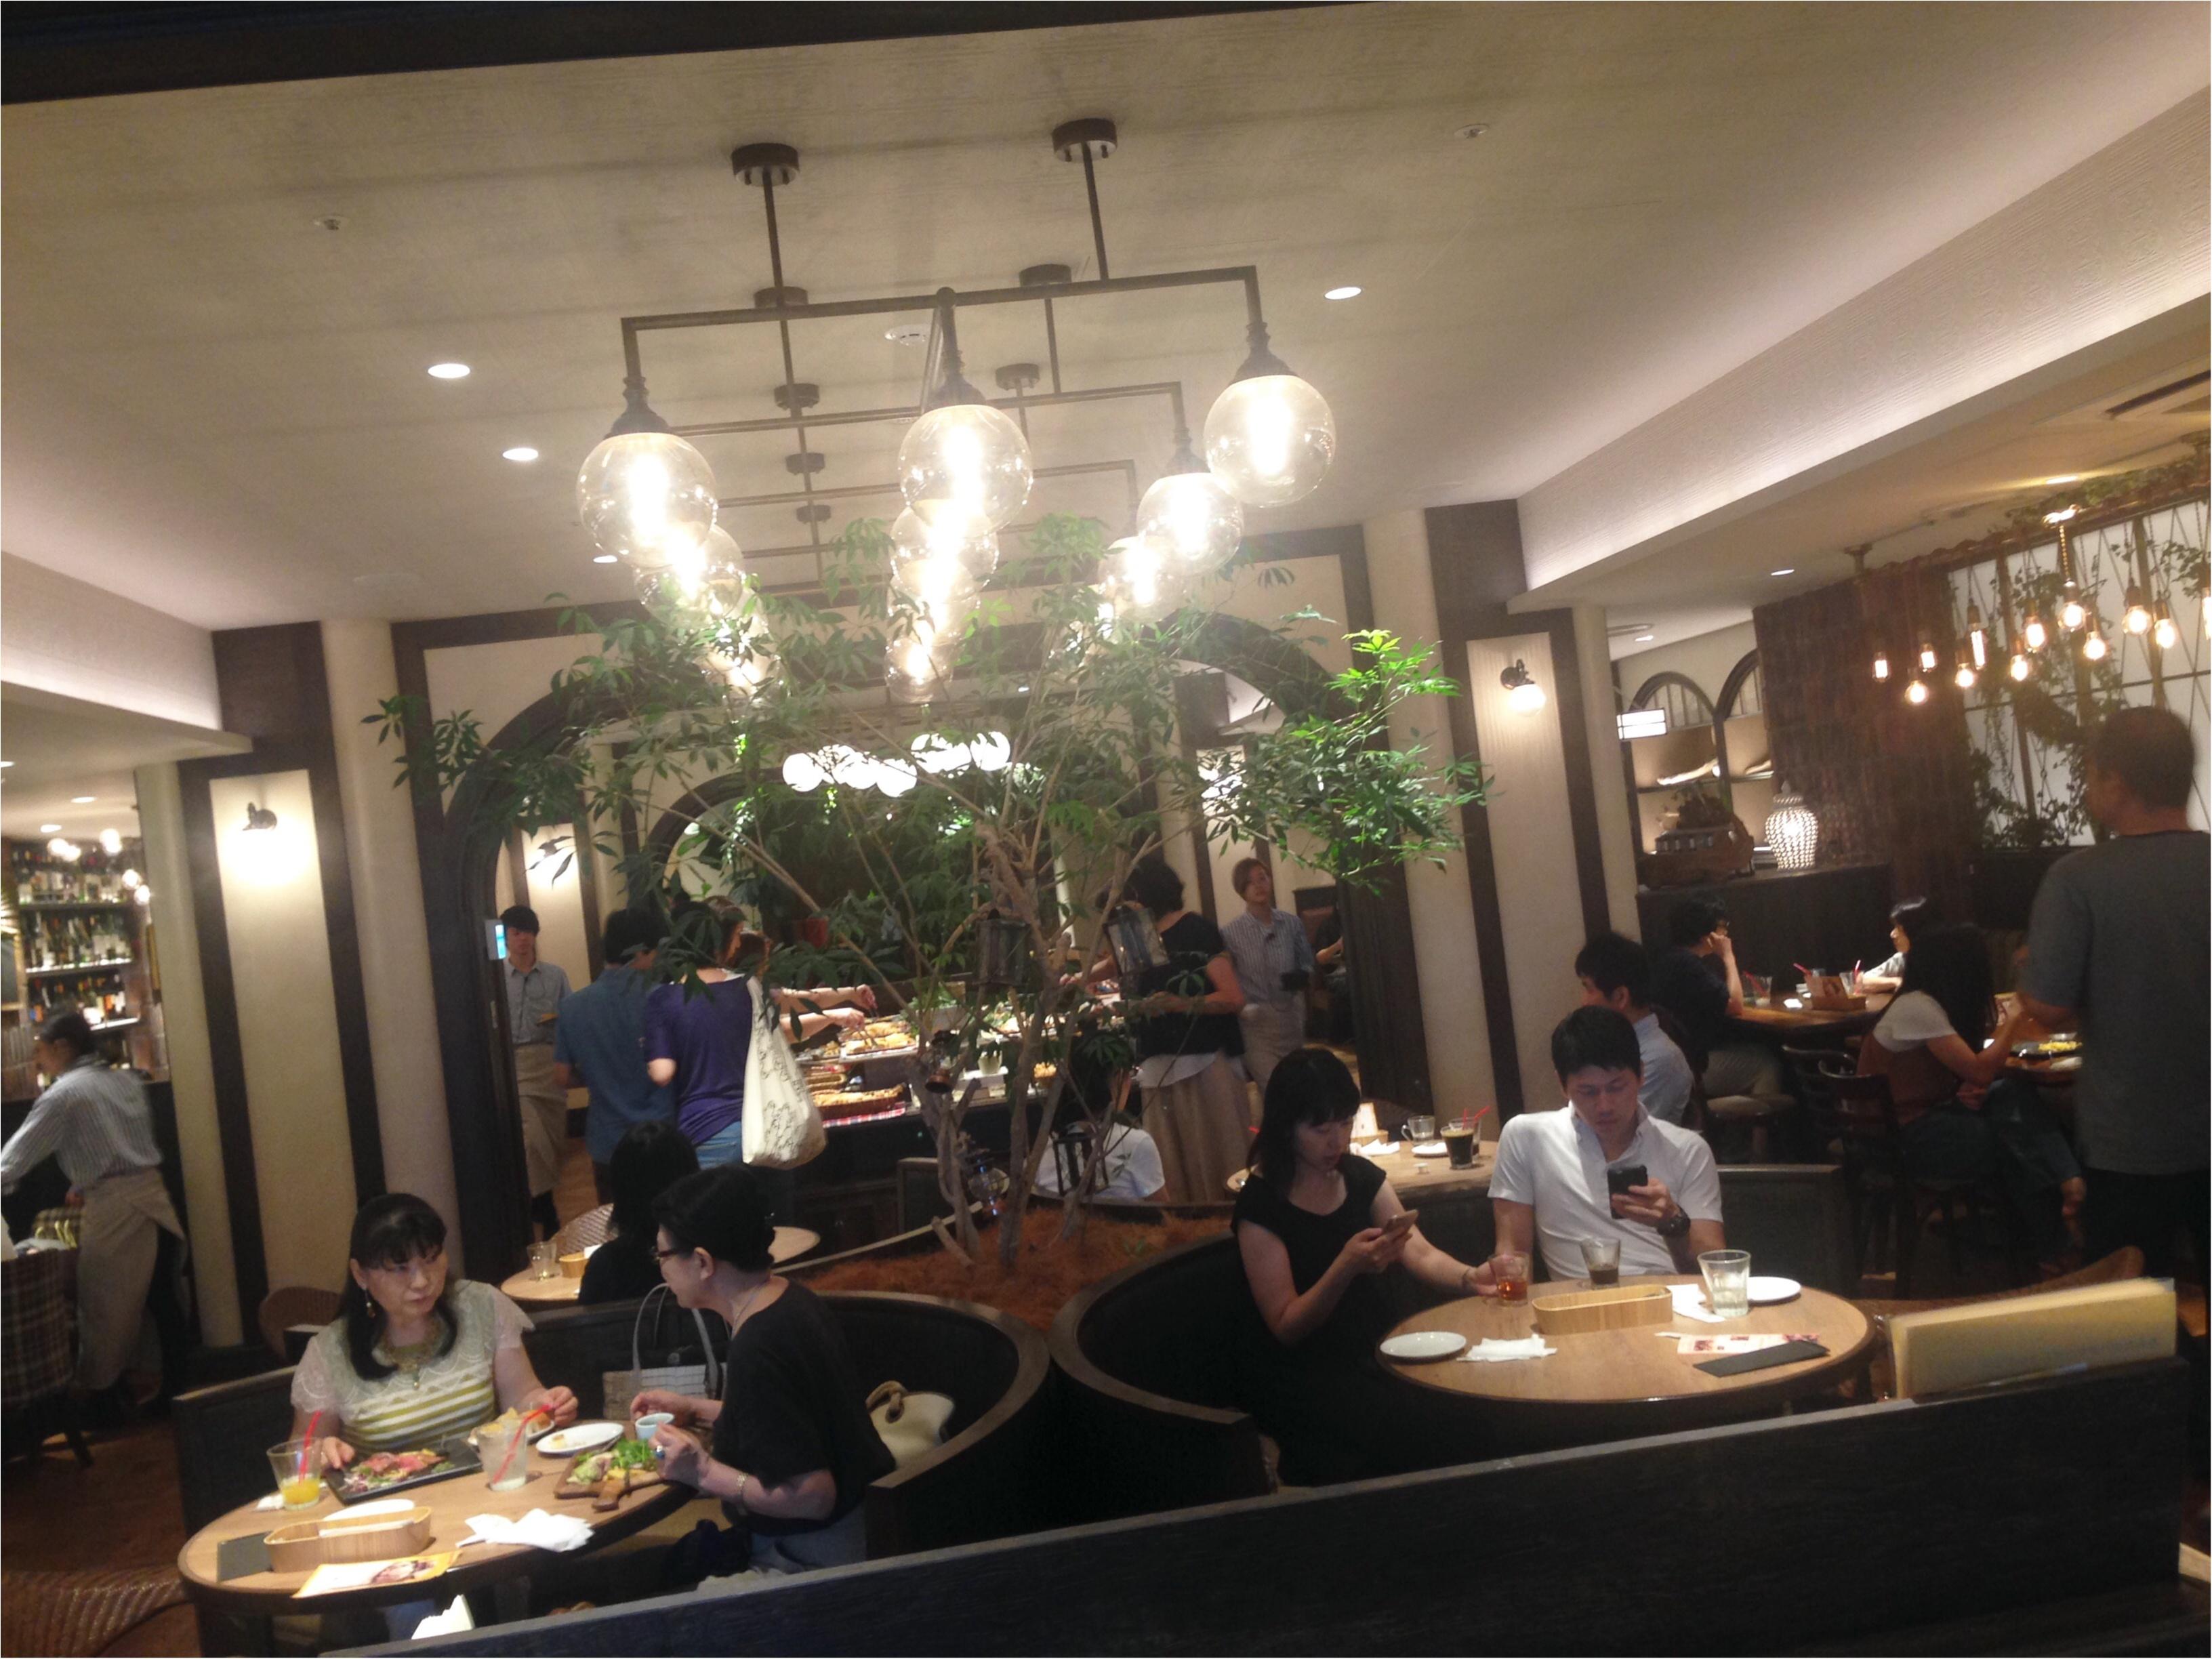 【新宿】え、新宿にこんな素敵なレストランあるの知ってた!?絶対リピートしたいお店発見\(^o^)/パン、パクチー食べ放題もやってるよ〜_3